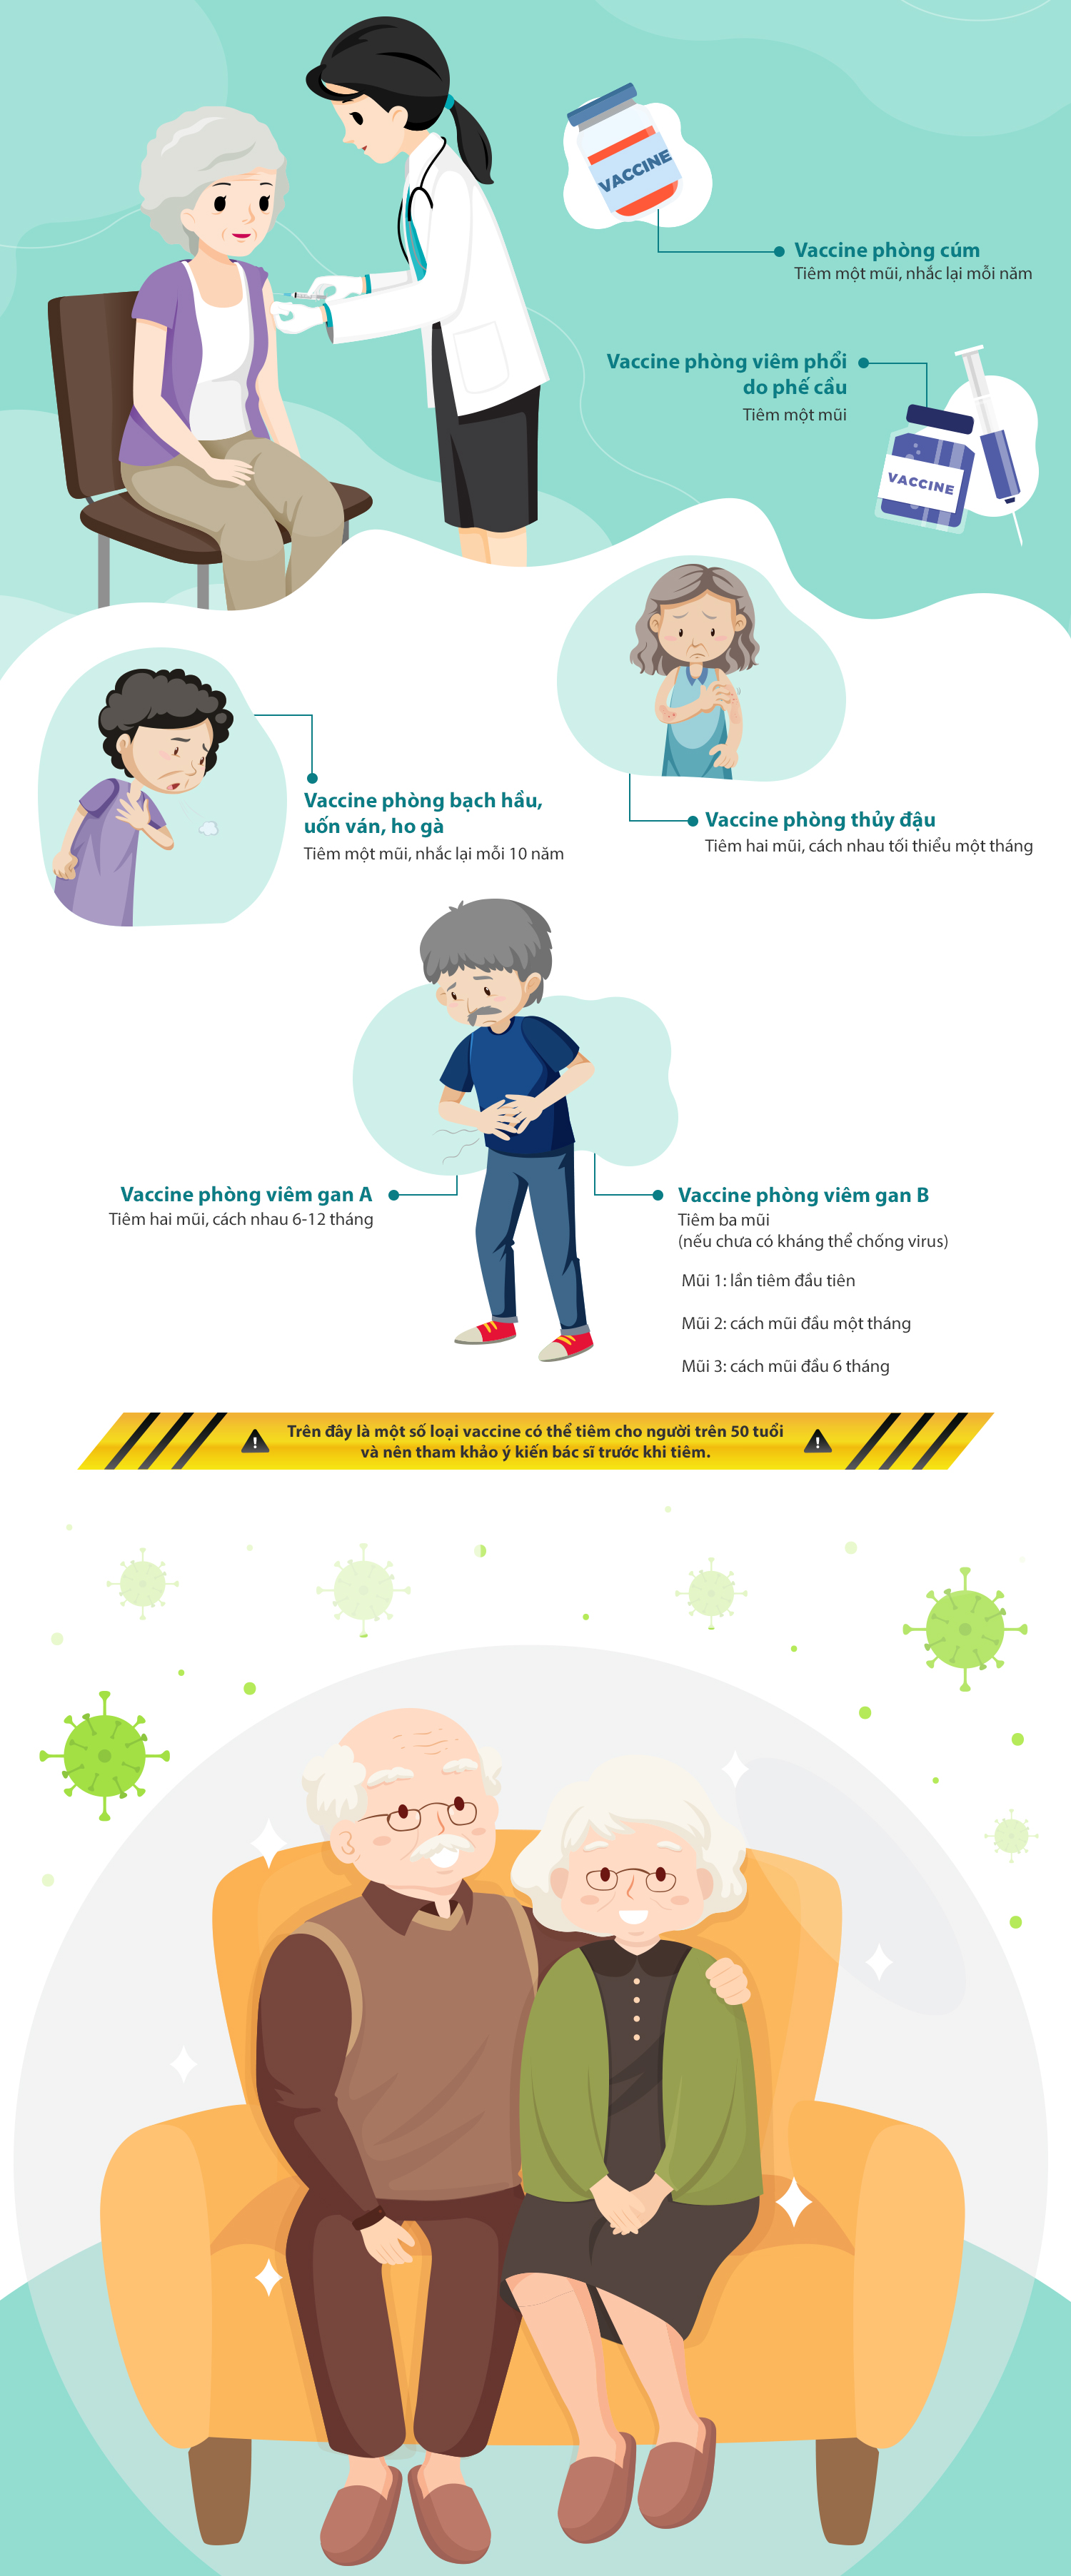 Vaccine cho người trên 50 tuổi